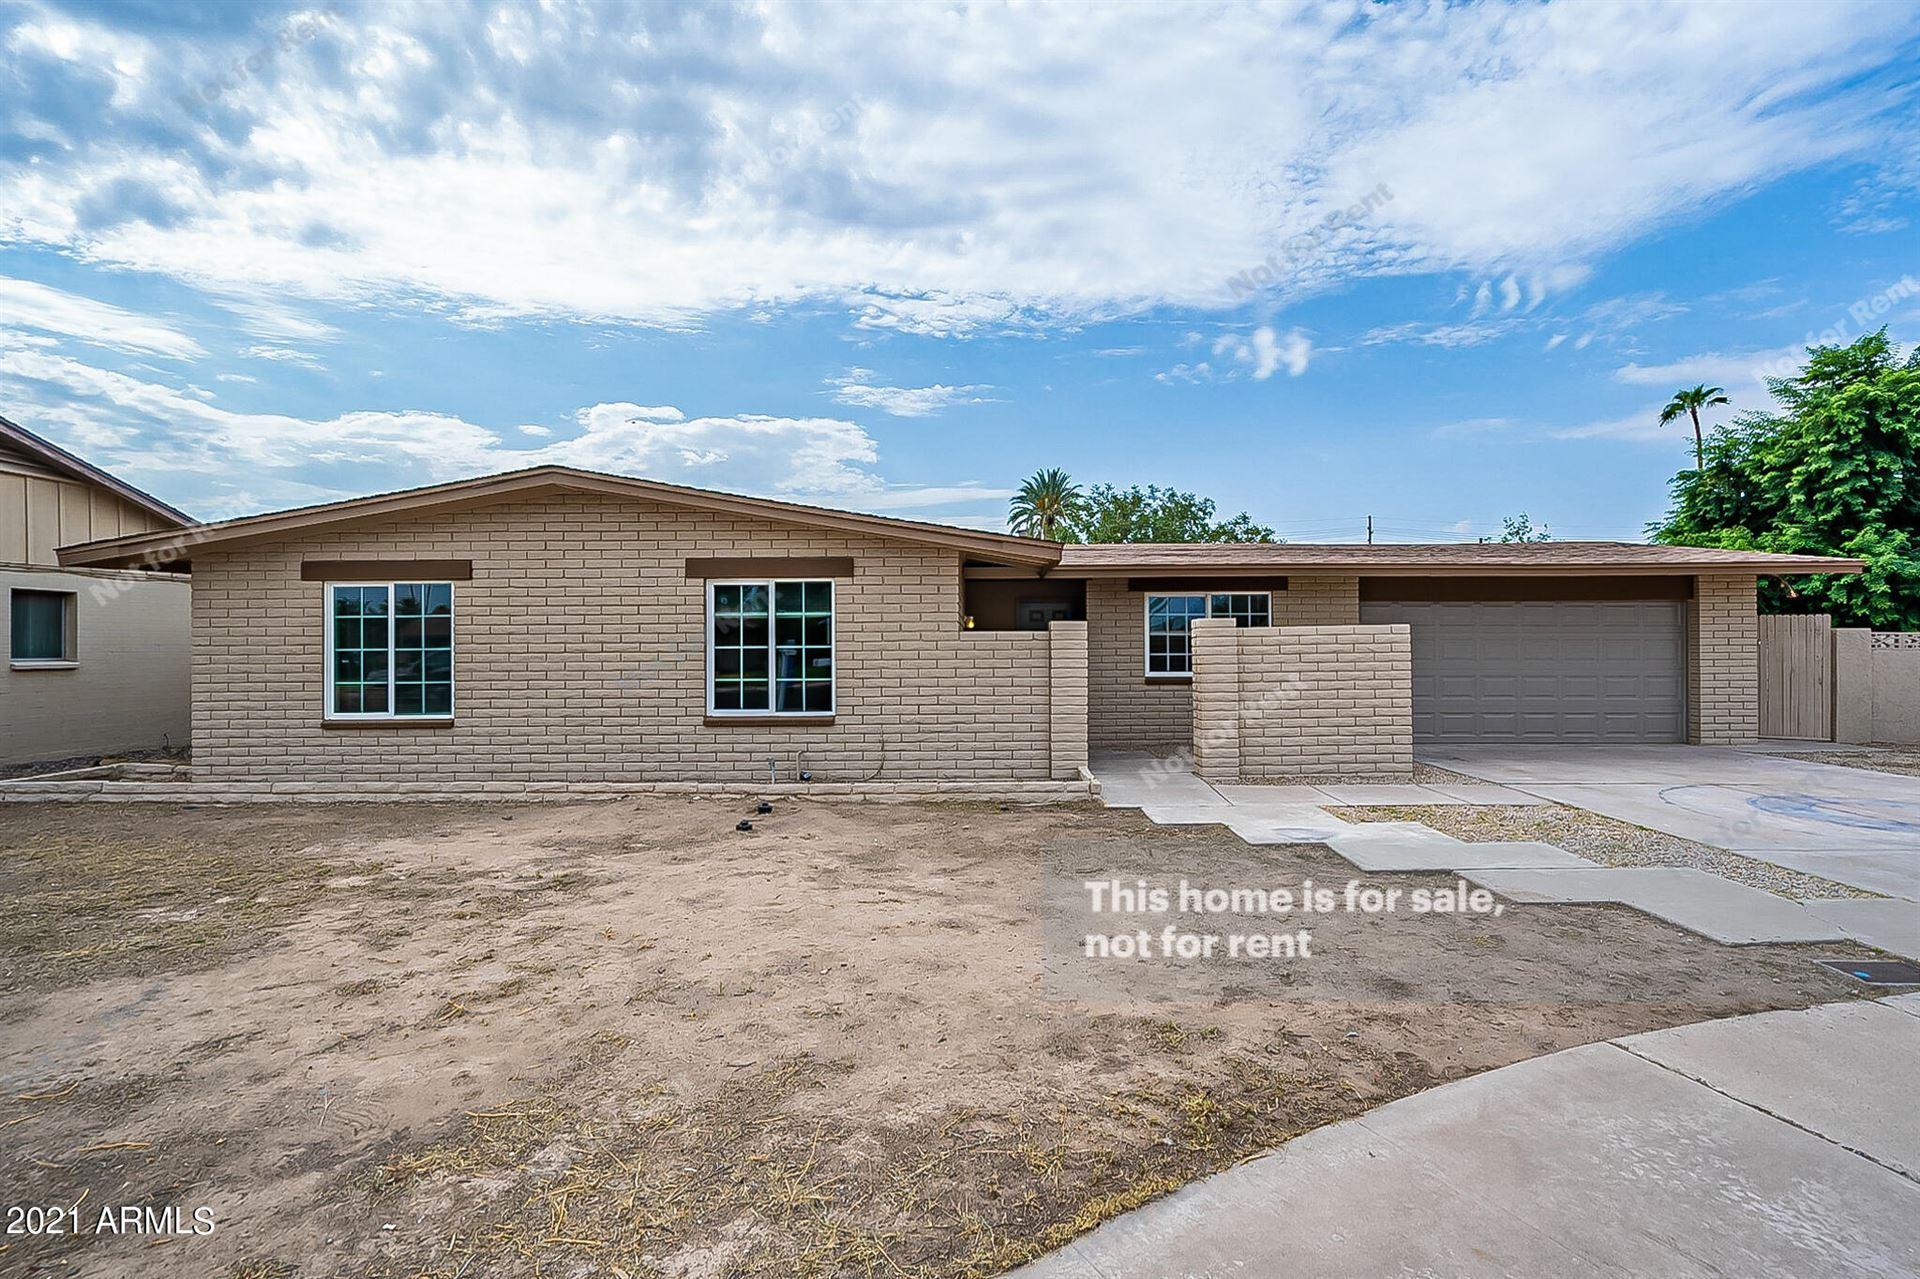 Photo of 4511 W HARMONT Drive, Glendale, AZ 85302 (MLS # 6296339)